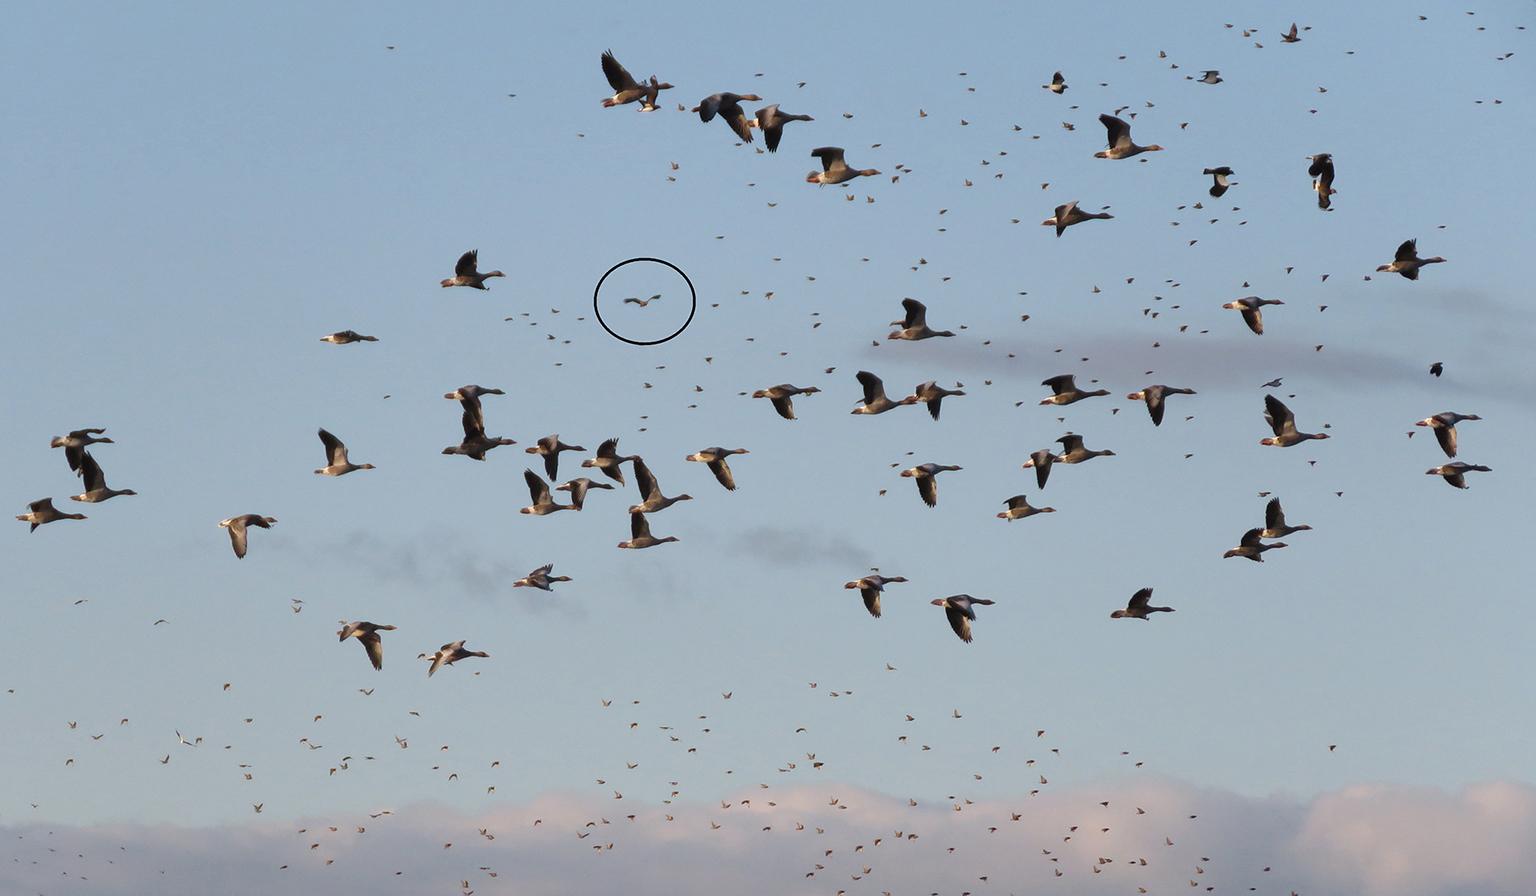 Al zoekend zag ik opeens een enorme roofvogel in mijn beeld die kennelijk de boel op stuipen gejaagd had